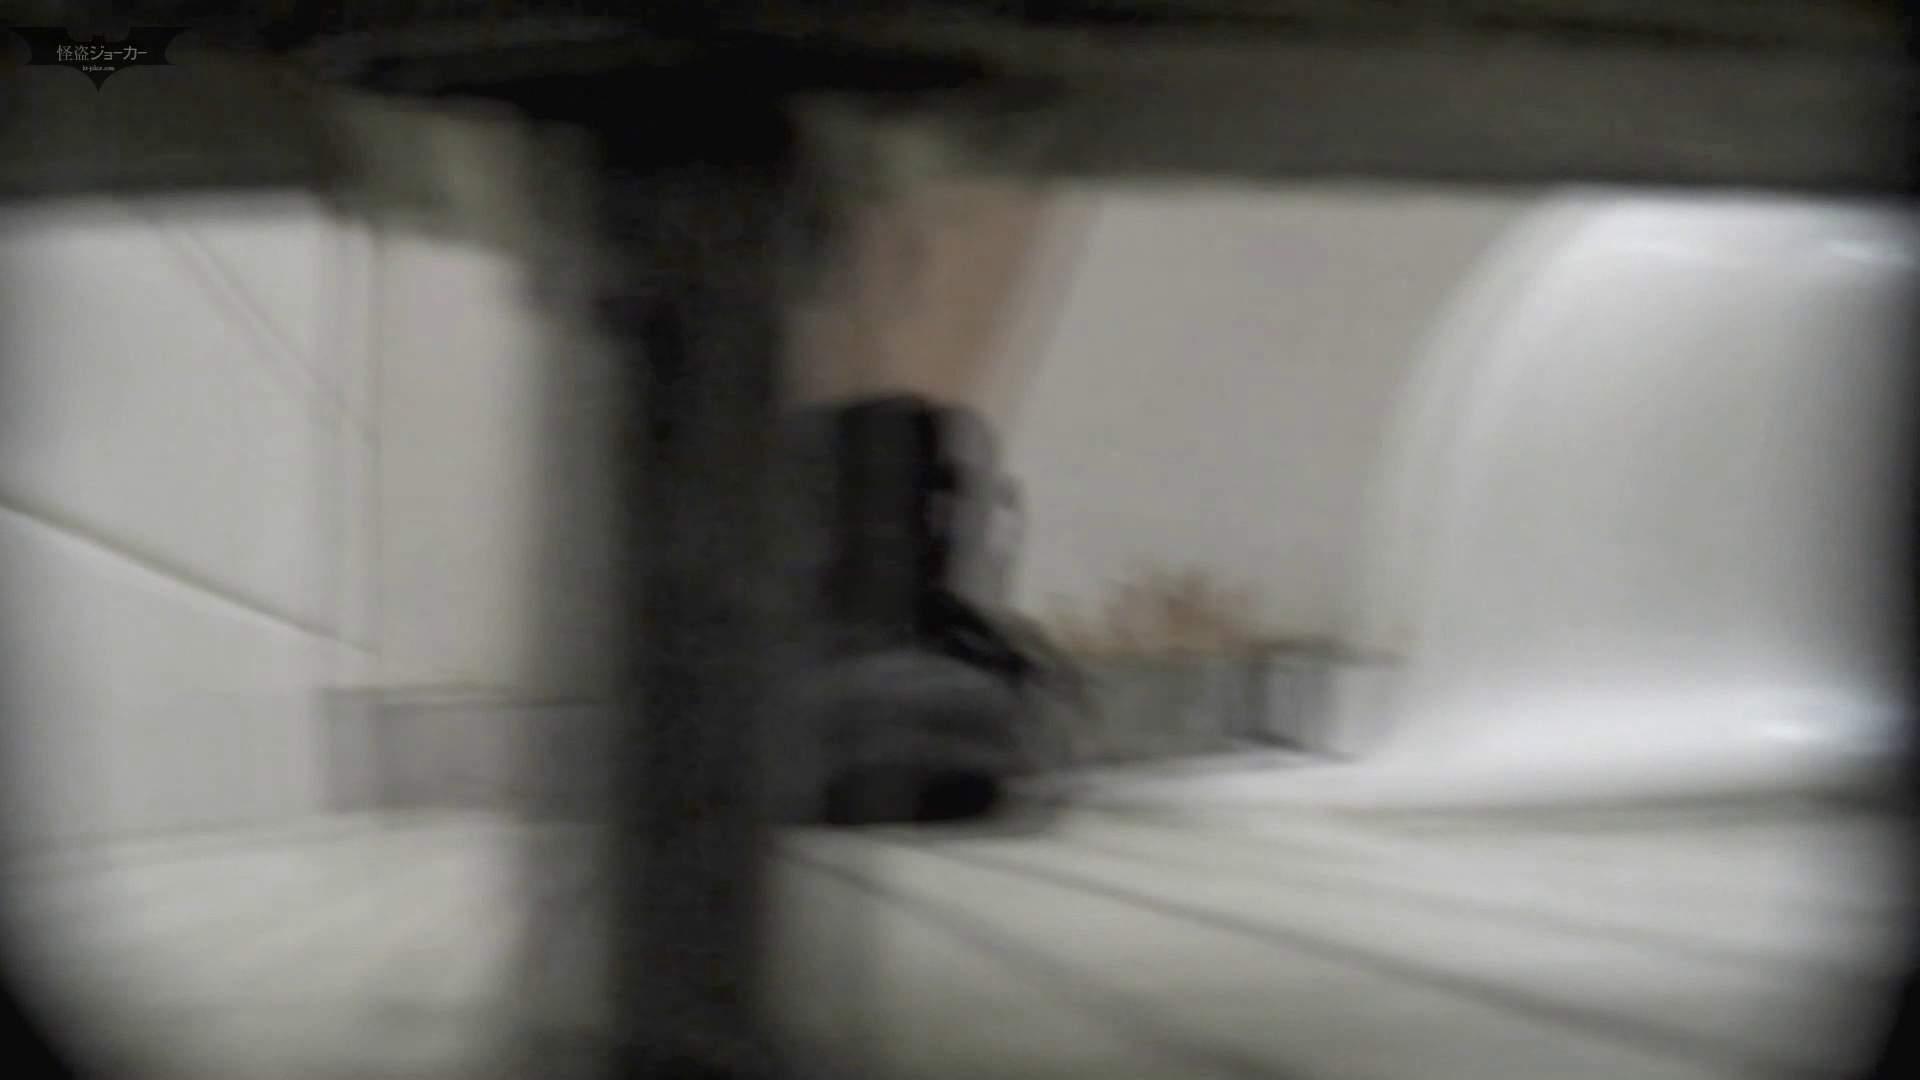 洗面所特攻隊 vol.58驚異のしまり、【2015・25位】 エッチなお姉さん オマンコ無修正動画無料 69画像 40